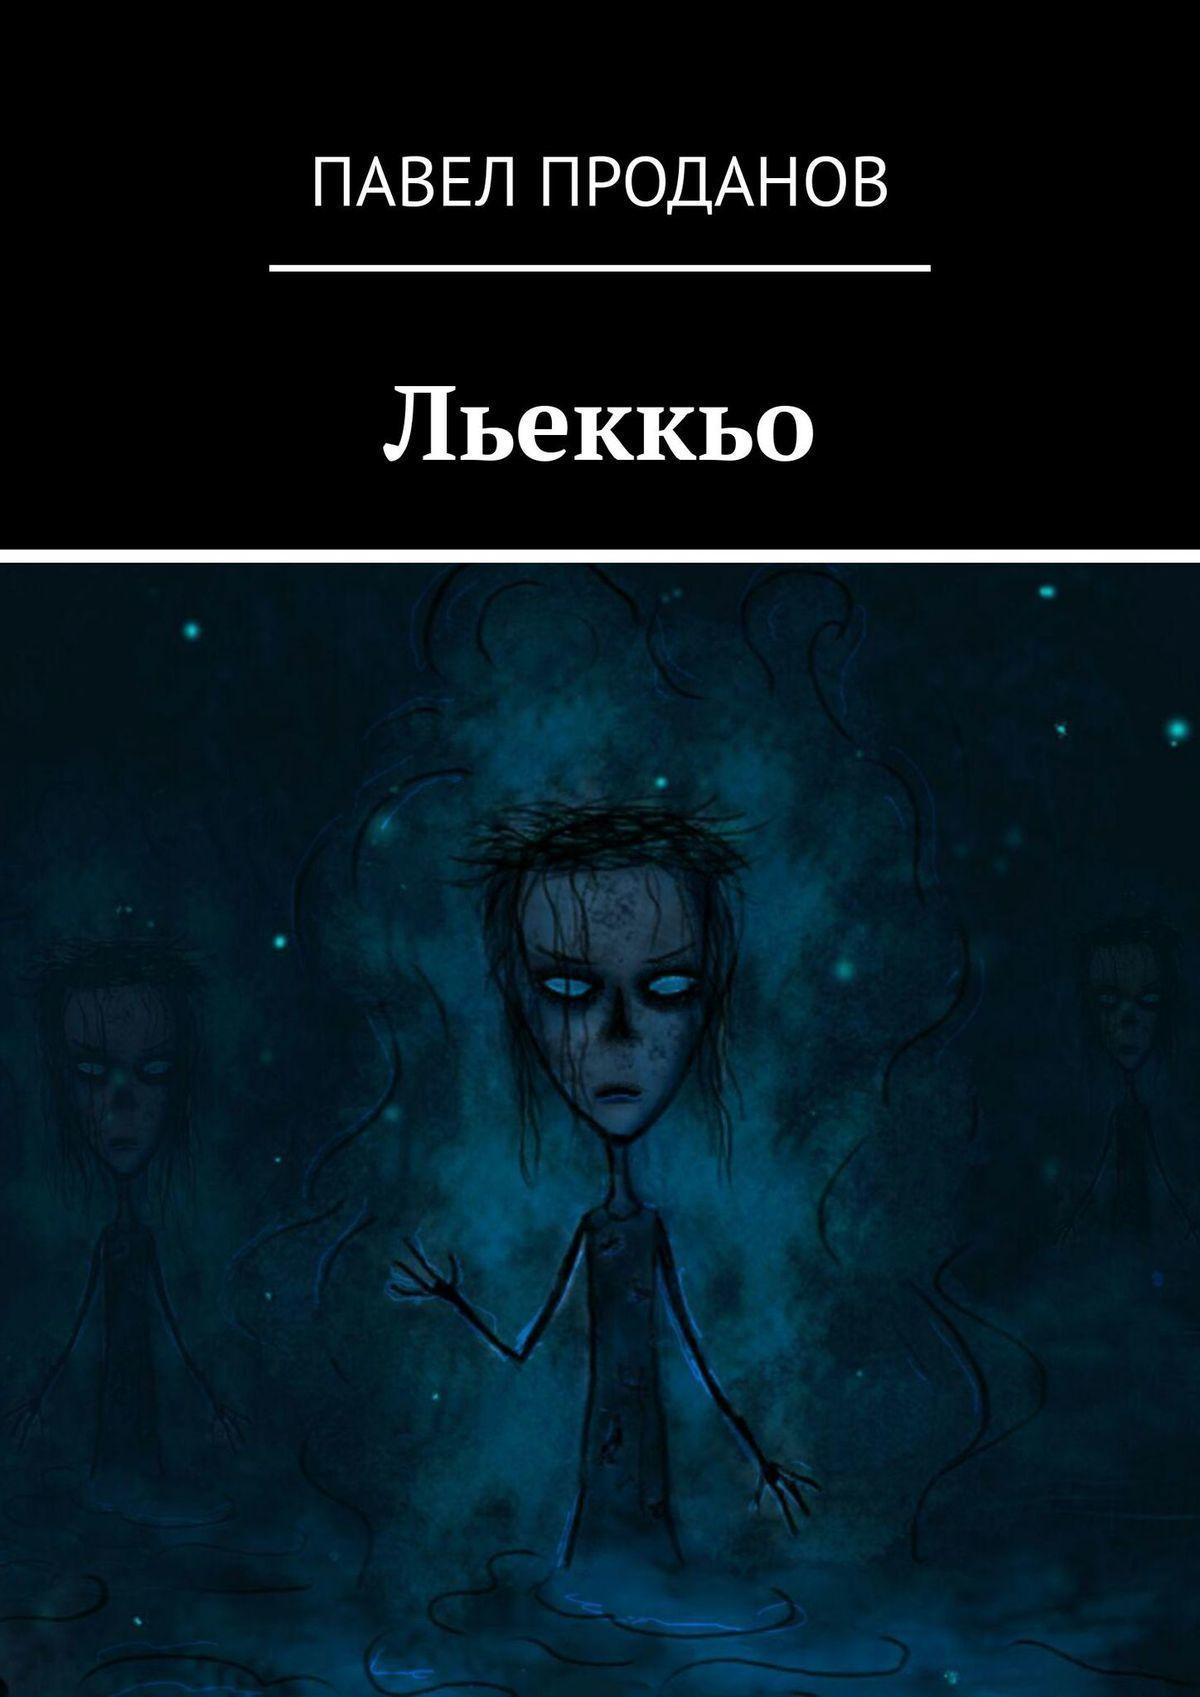 Павел Проданов - Льеккьо